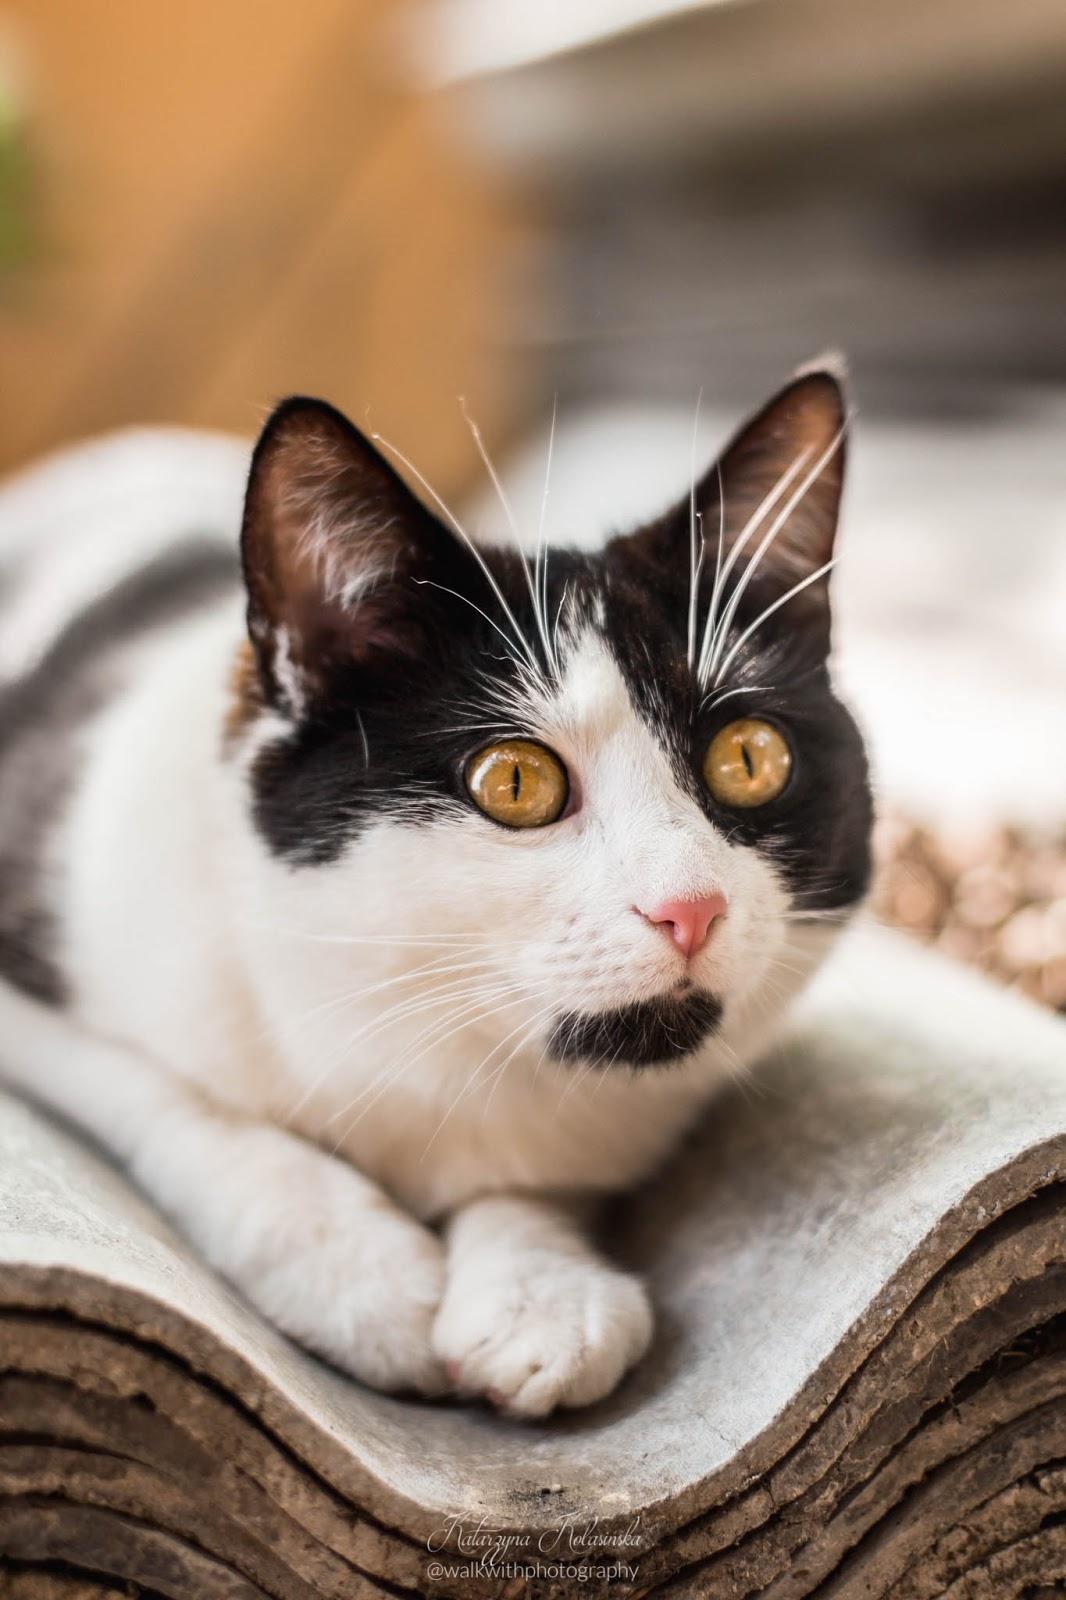 uroczy kot, kot patrzy duzymi oczami